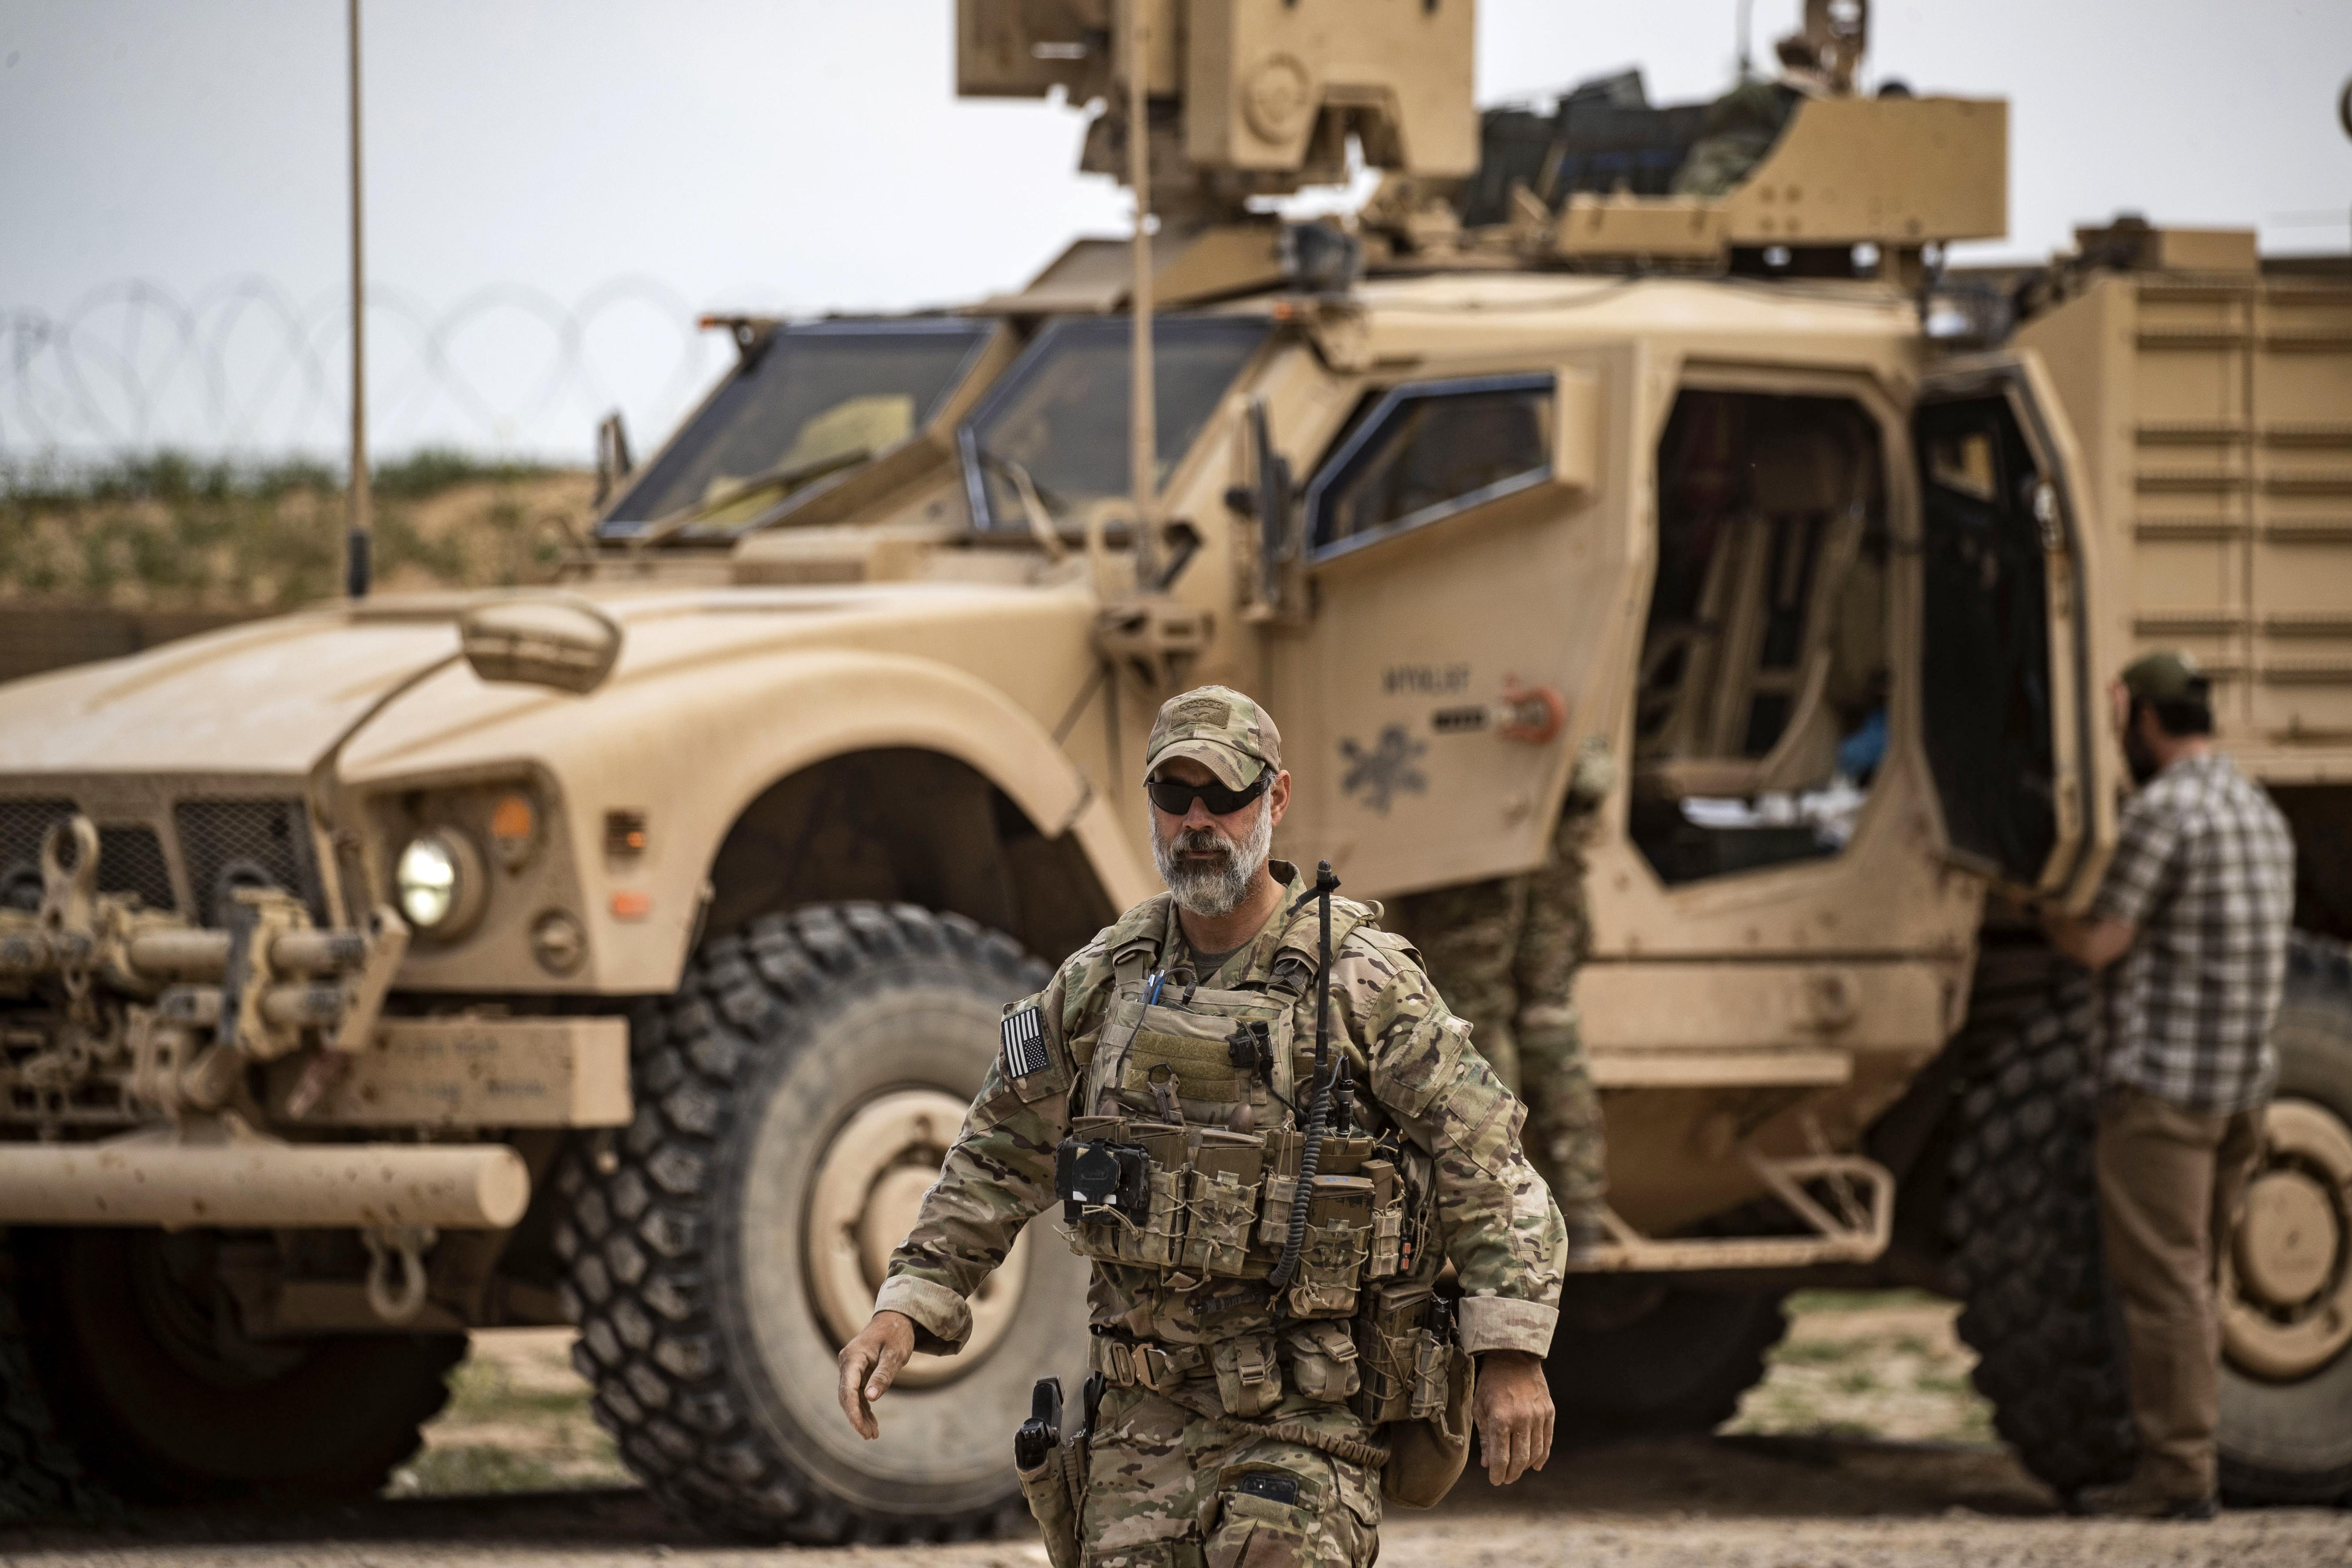 دورية أميركية قرب حقل العمر النفطي شرقي سوريا - أرشيف